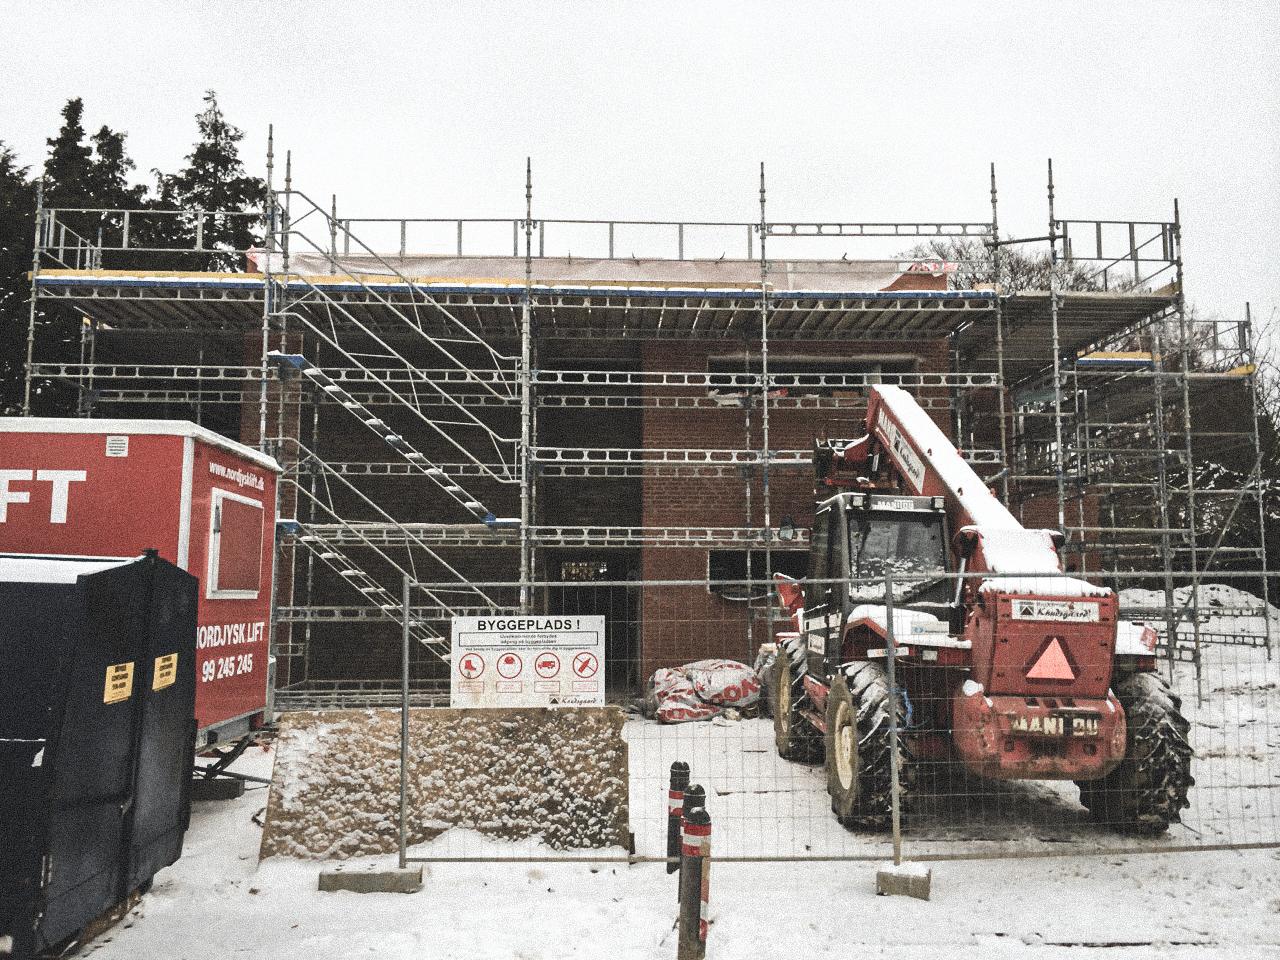 Billede af et igangværende byggeri i Gentofte Status, tegnet af arkitektfirmaet m2plus.